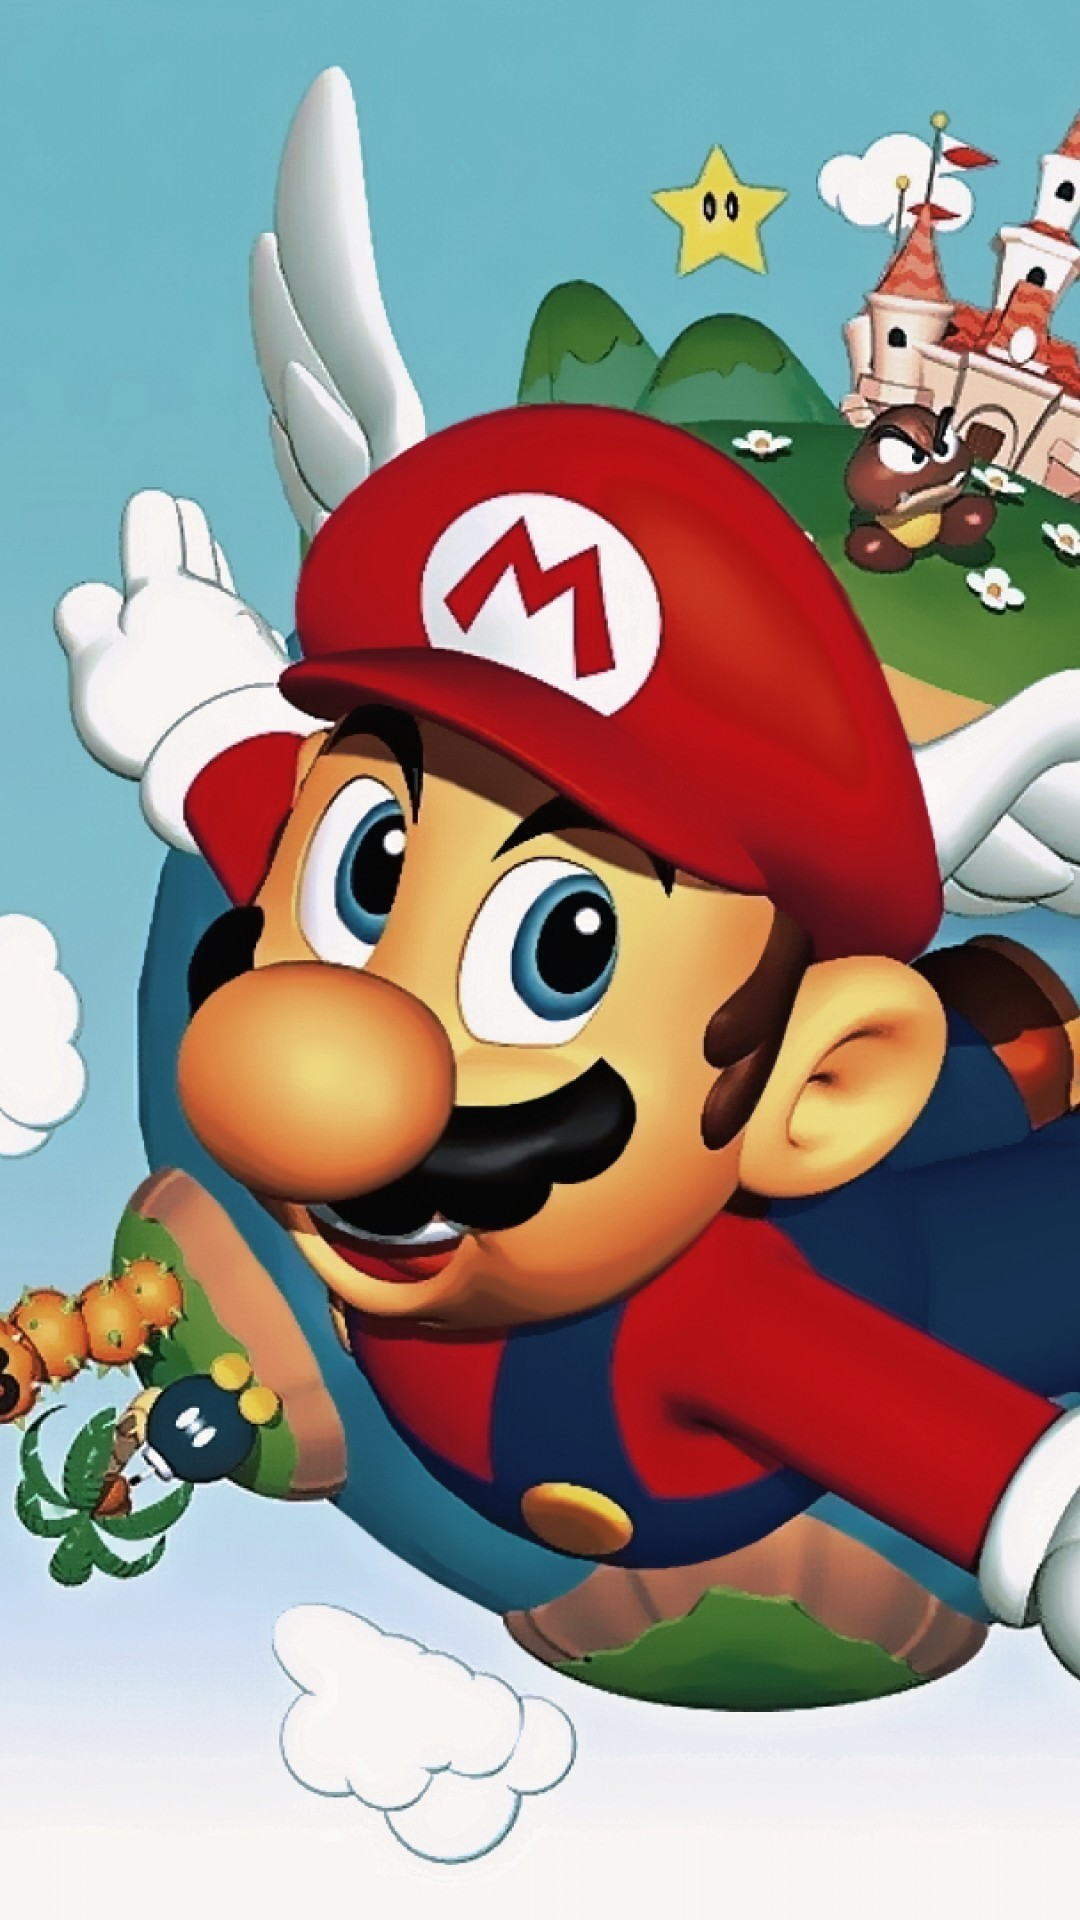 Super Mario 64 Quotes iPhone 6 Plus – Wallpaper .